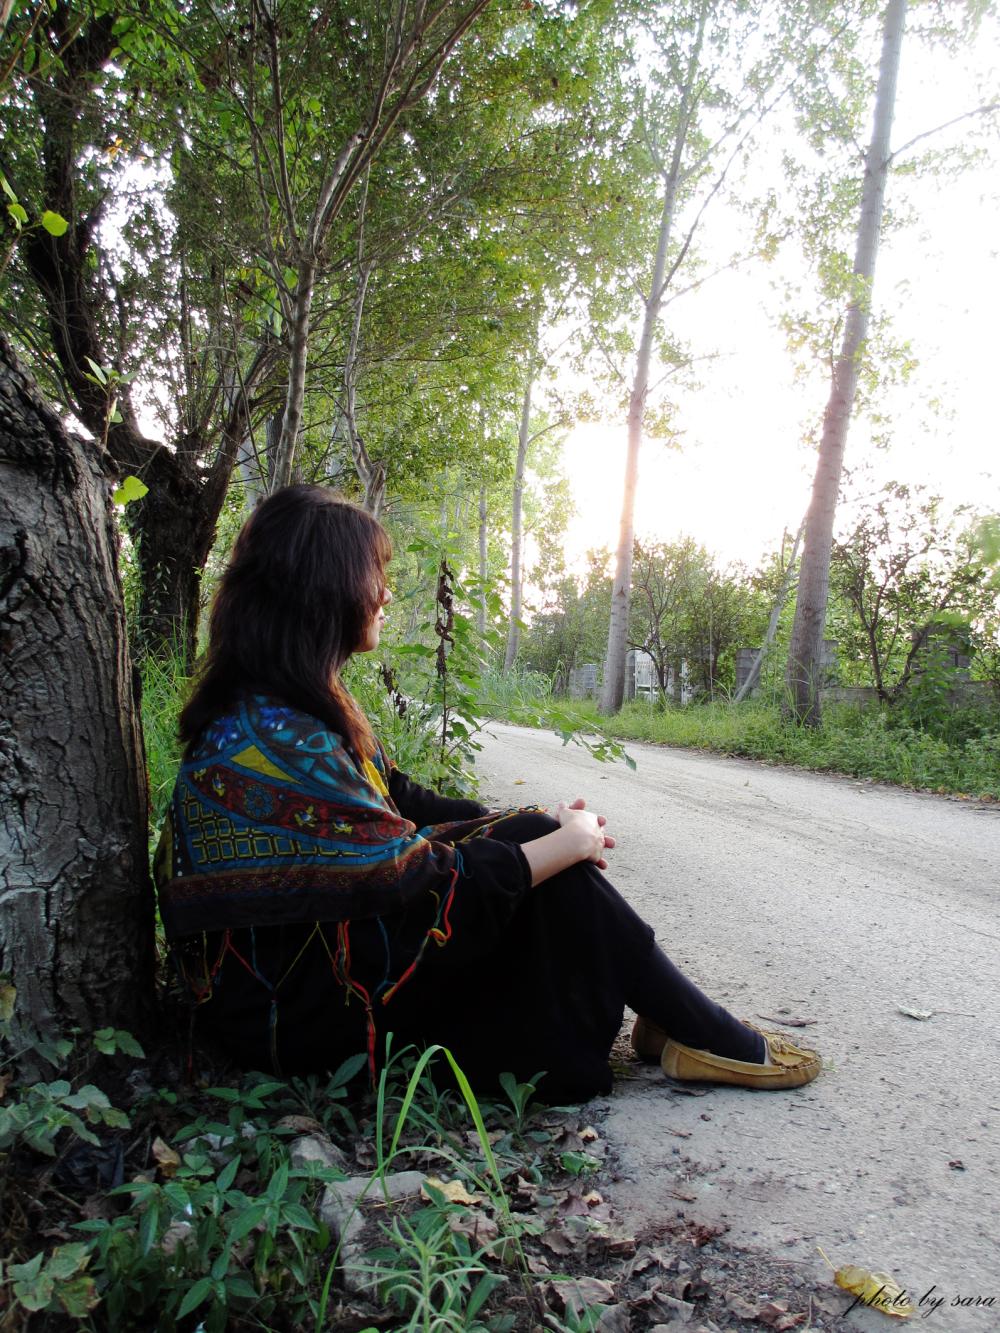 ... نشسته بر جاده ی دلتنگی